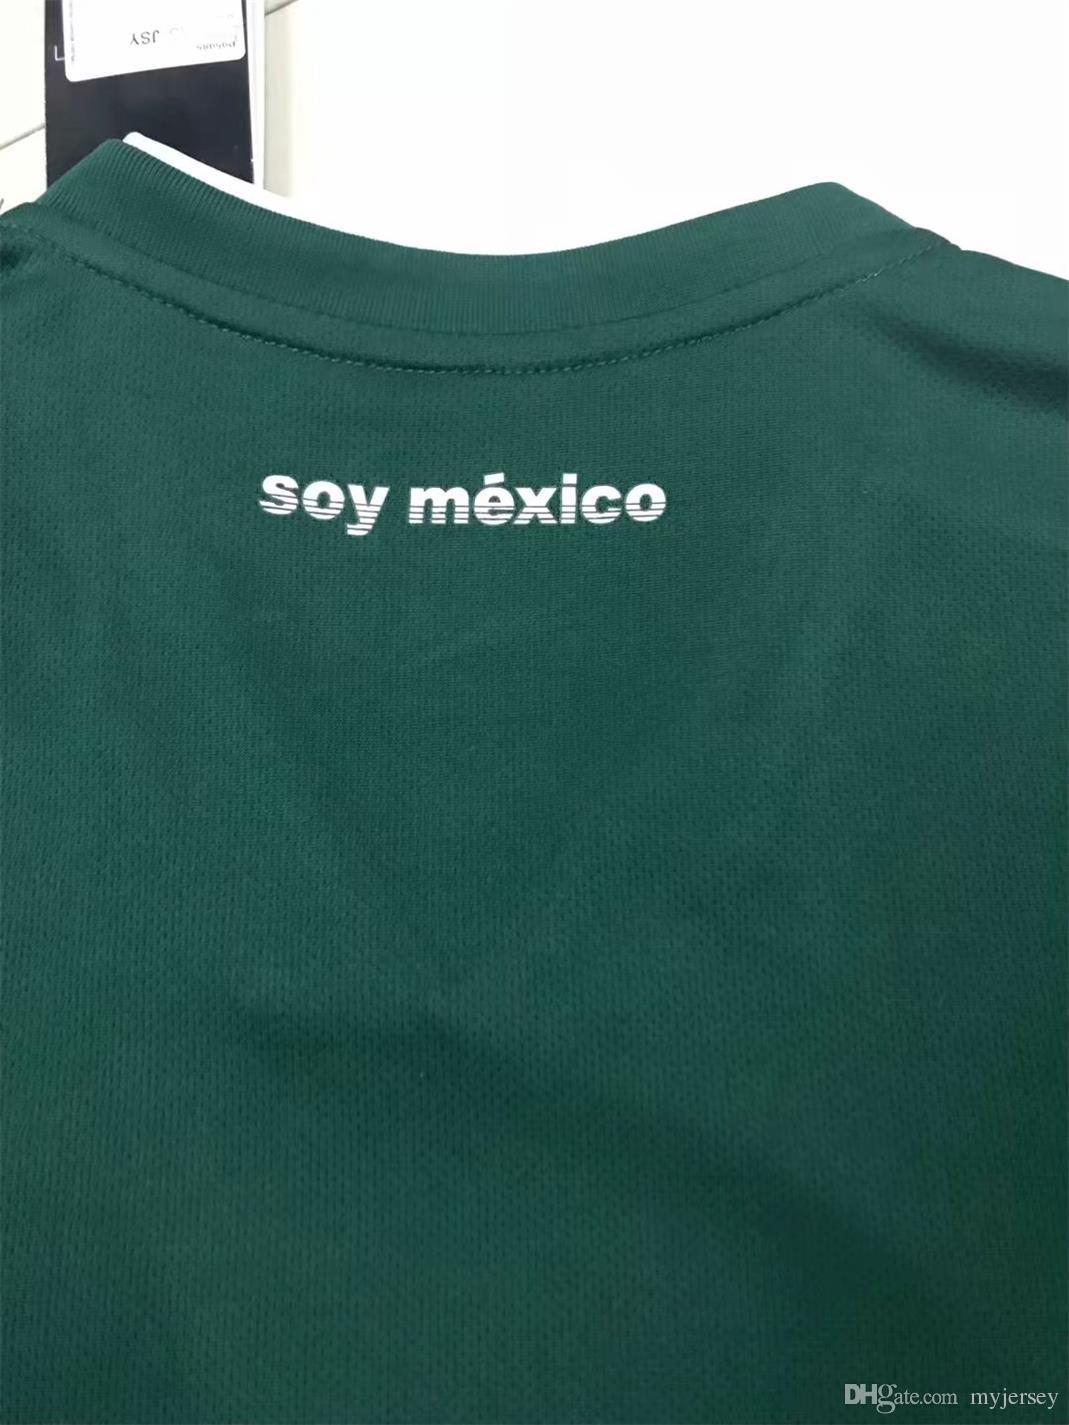 4654e2c9d Wholesale 2017 Mexico Long Sleeve Soccer Jersey 2018 World Cup Jersey  CHICHARITO G DOS SANTOS GUARDADO ...